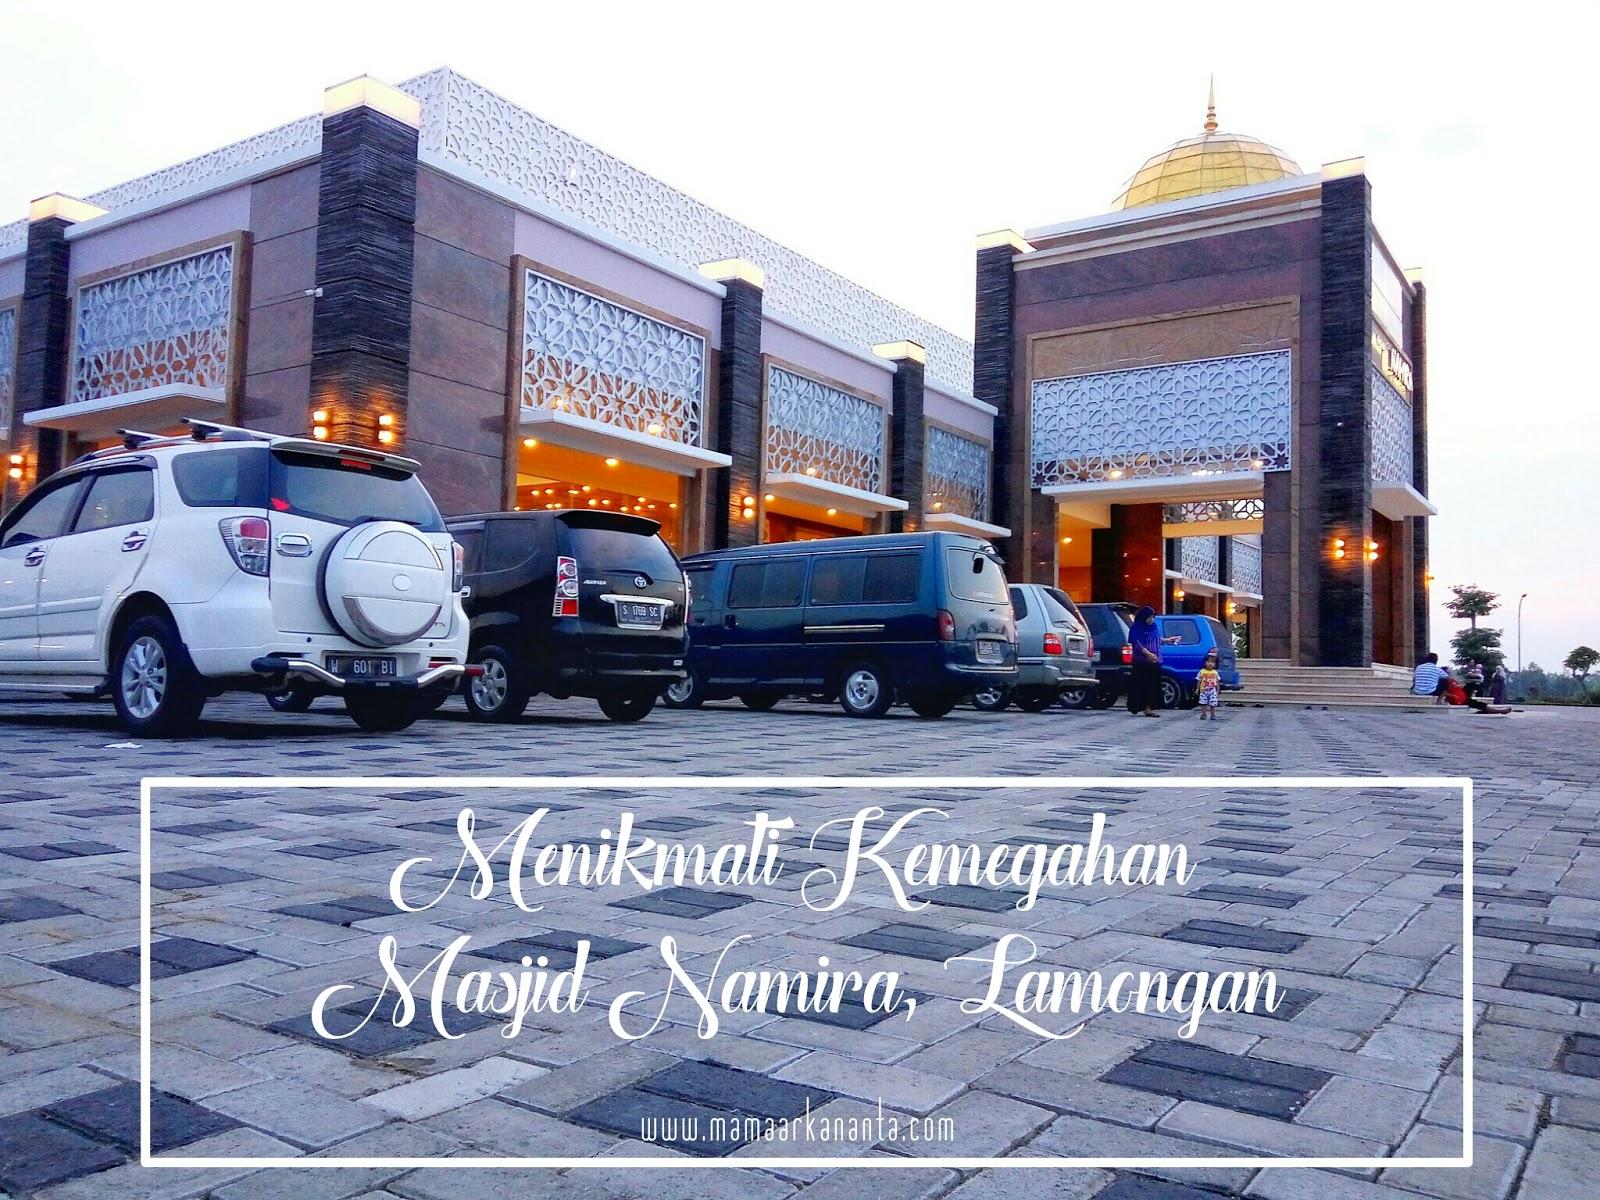 Berkunjung Untuk Menikmati Kemegahan Masjid Namira Di Lamongan